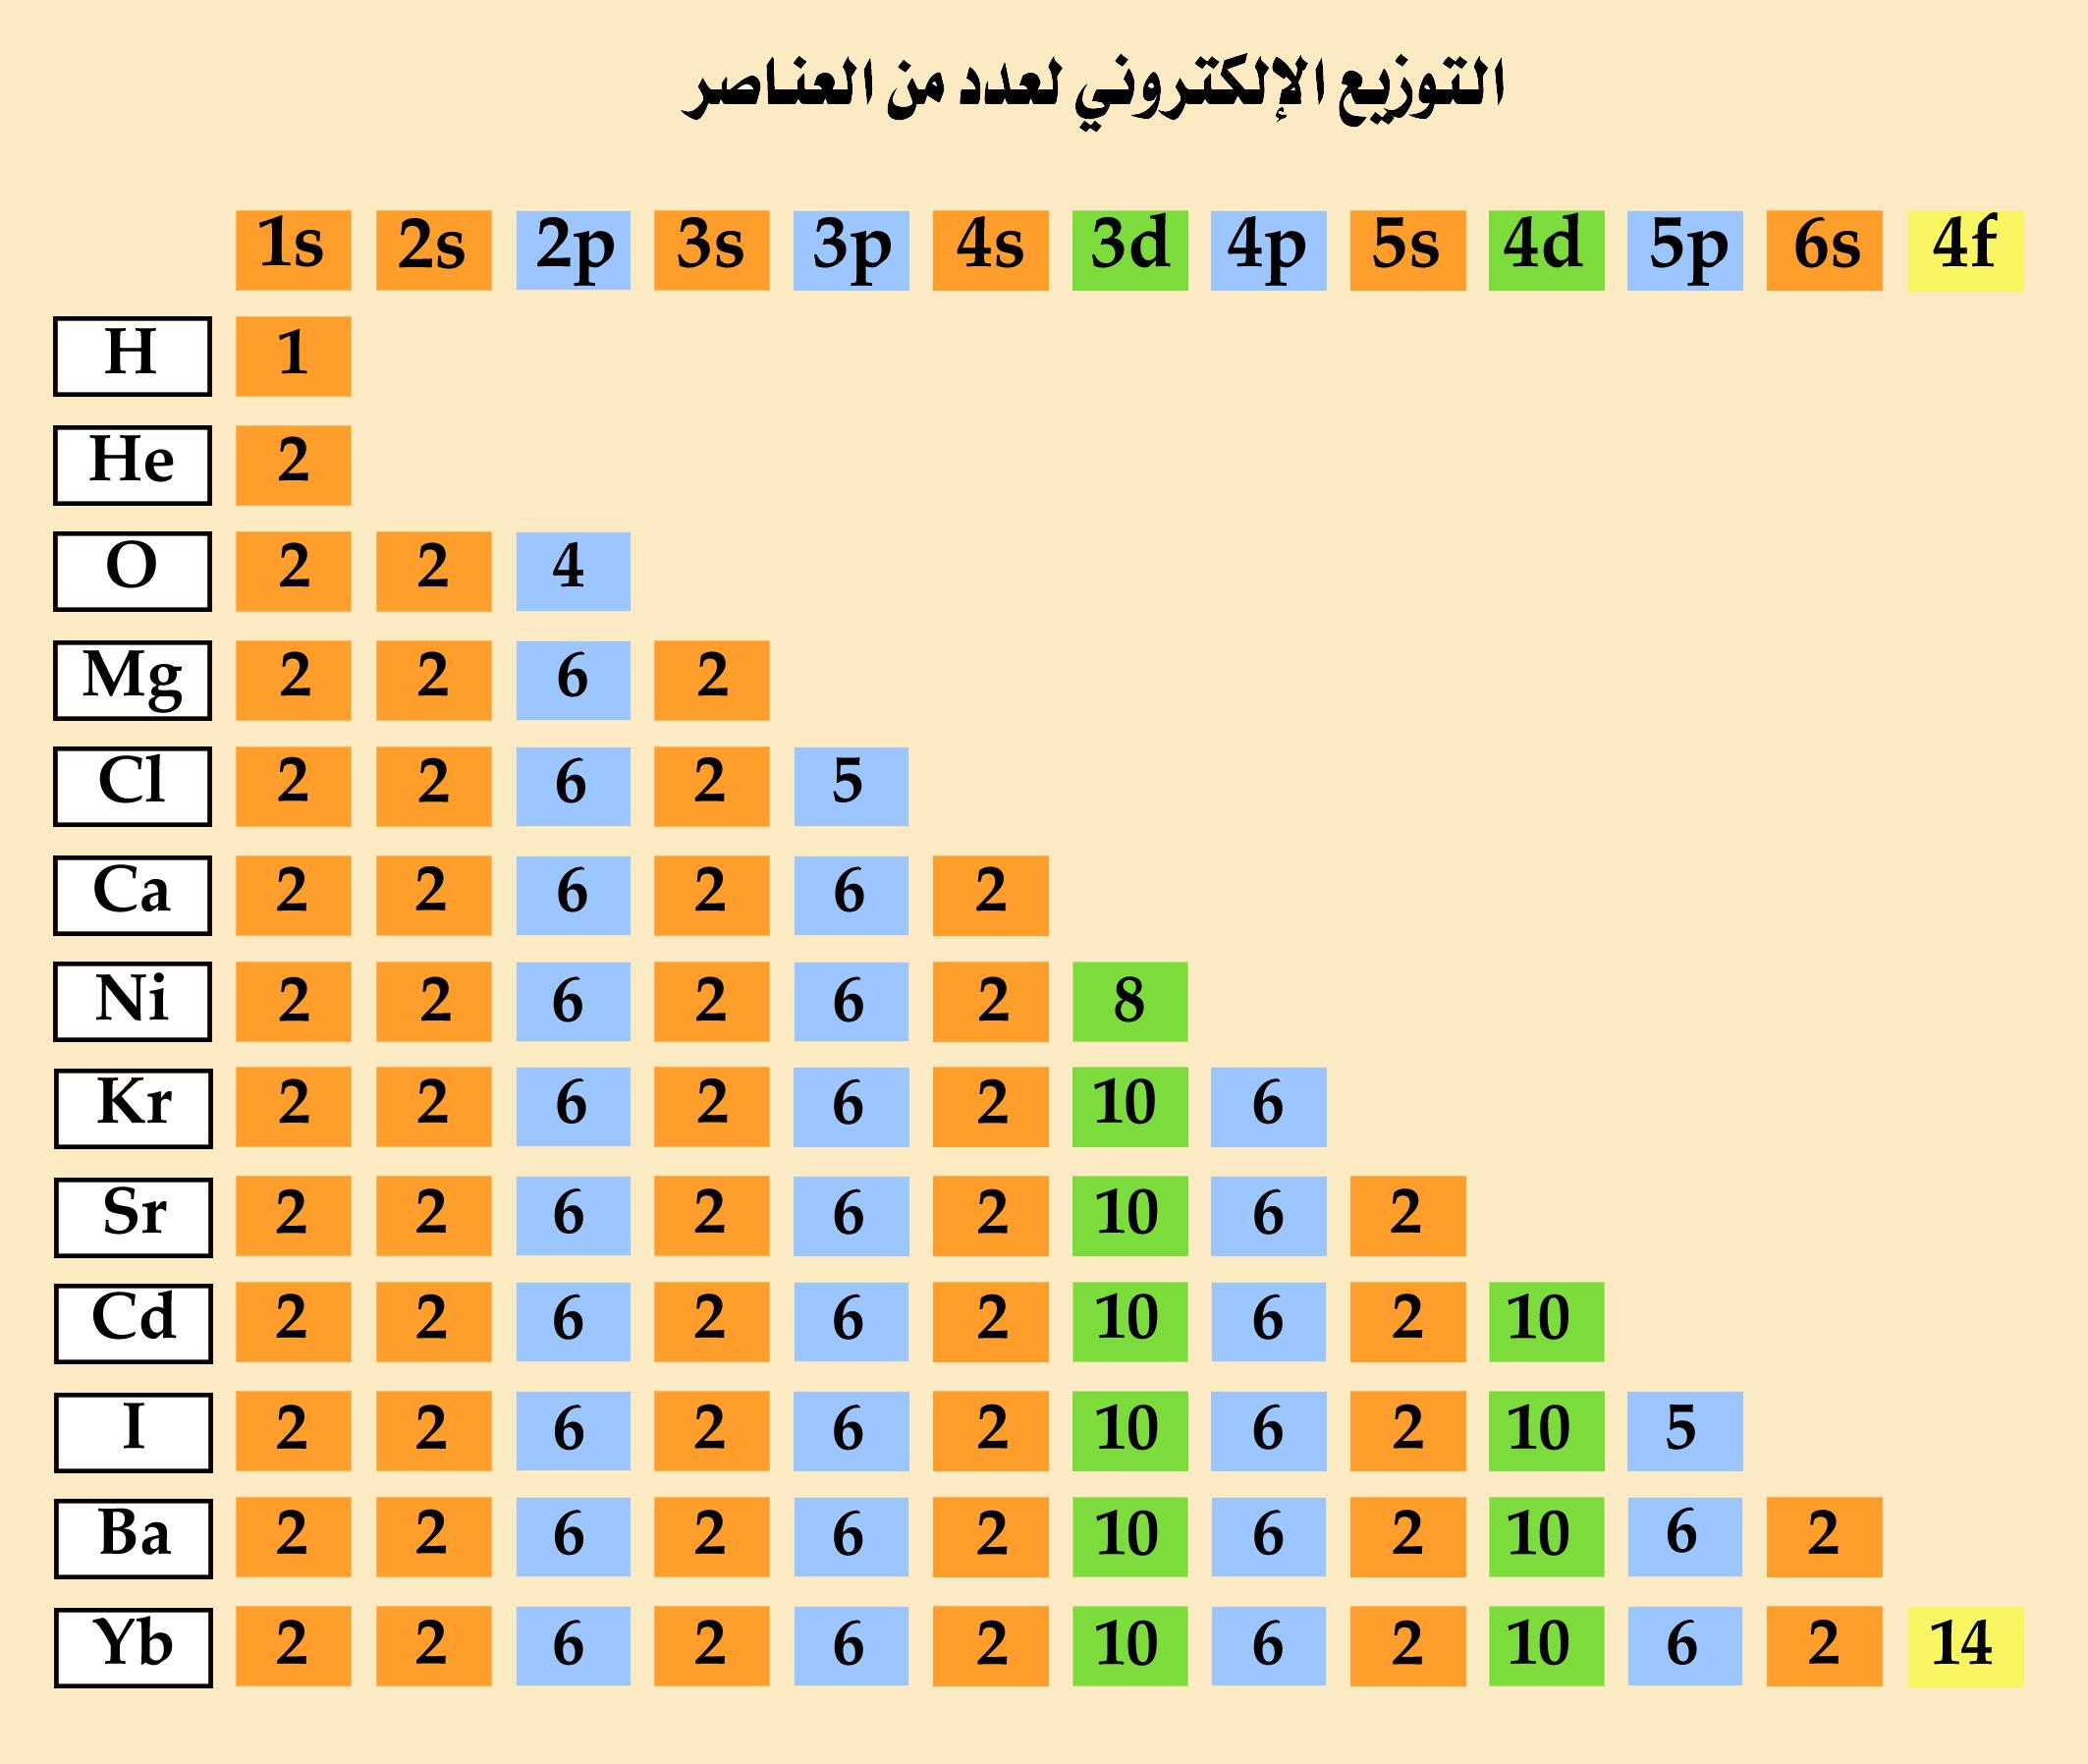 التوزيع الإلكتروني للعناصر electronic configuration of elements